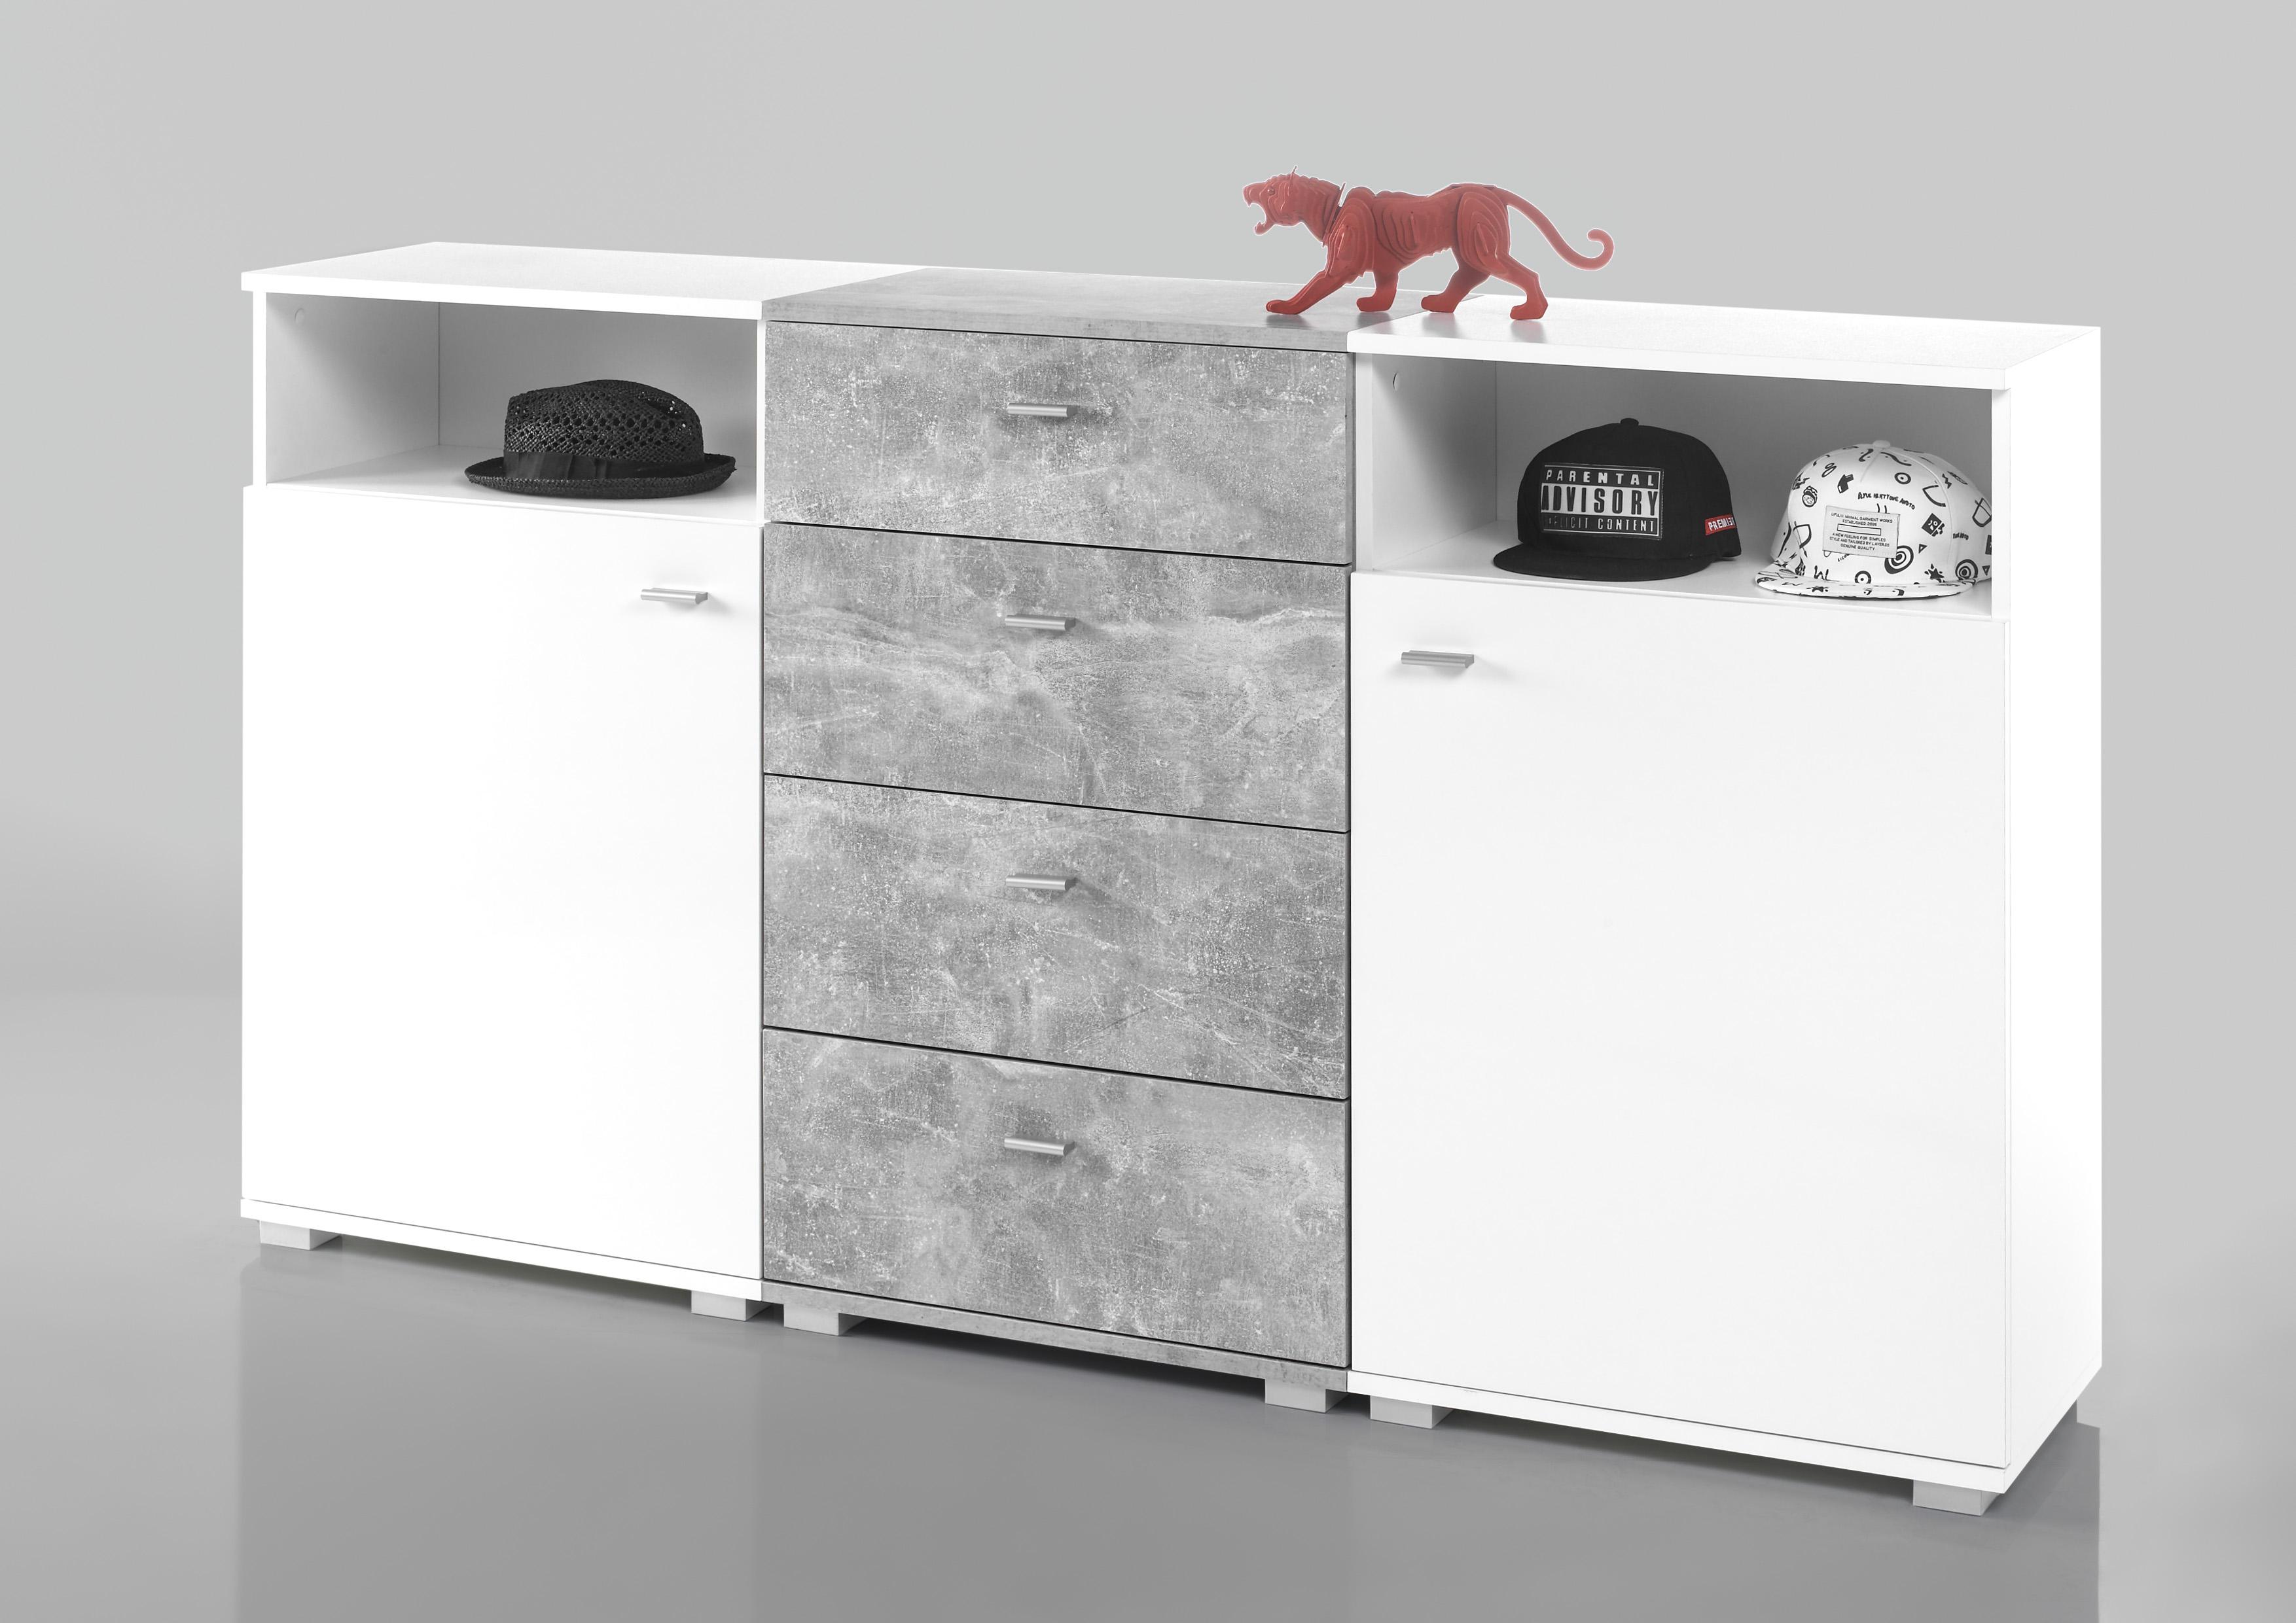 Sideboard Kommode Perf Highboard Anrichte Gross Breit Weiss Grau Beton